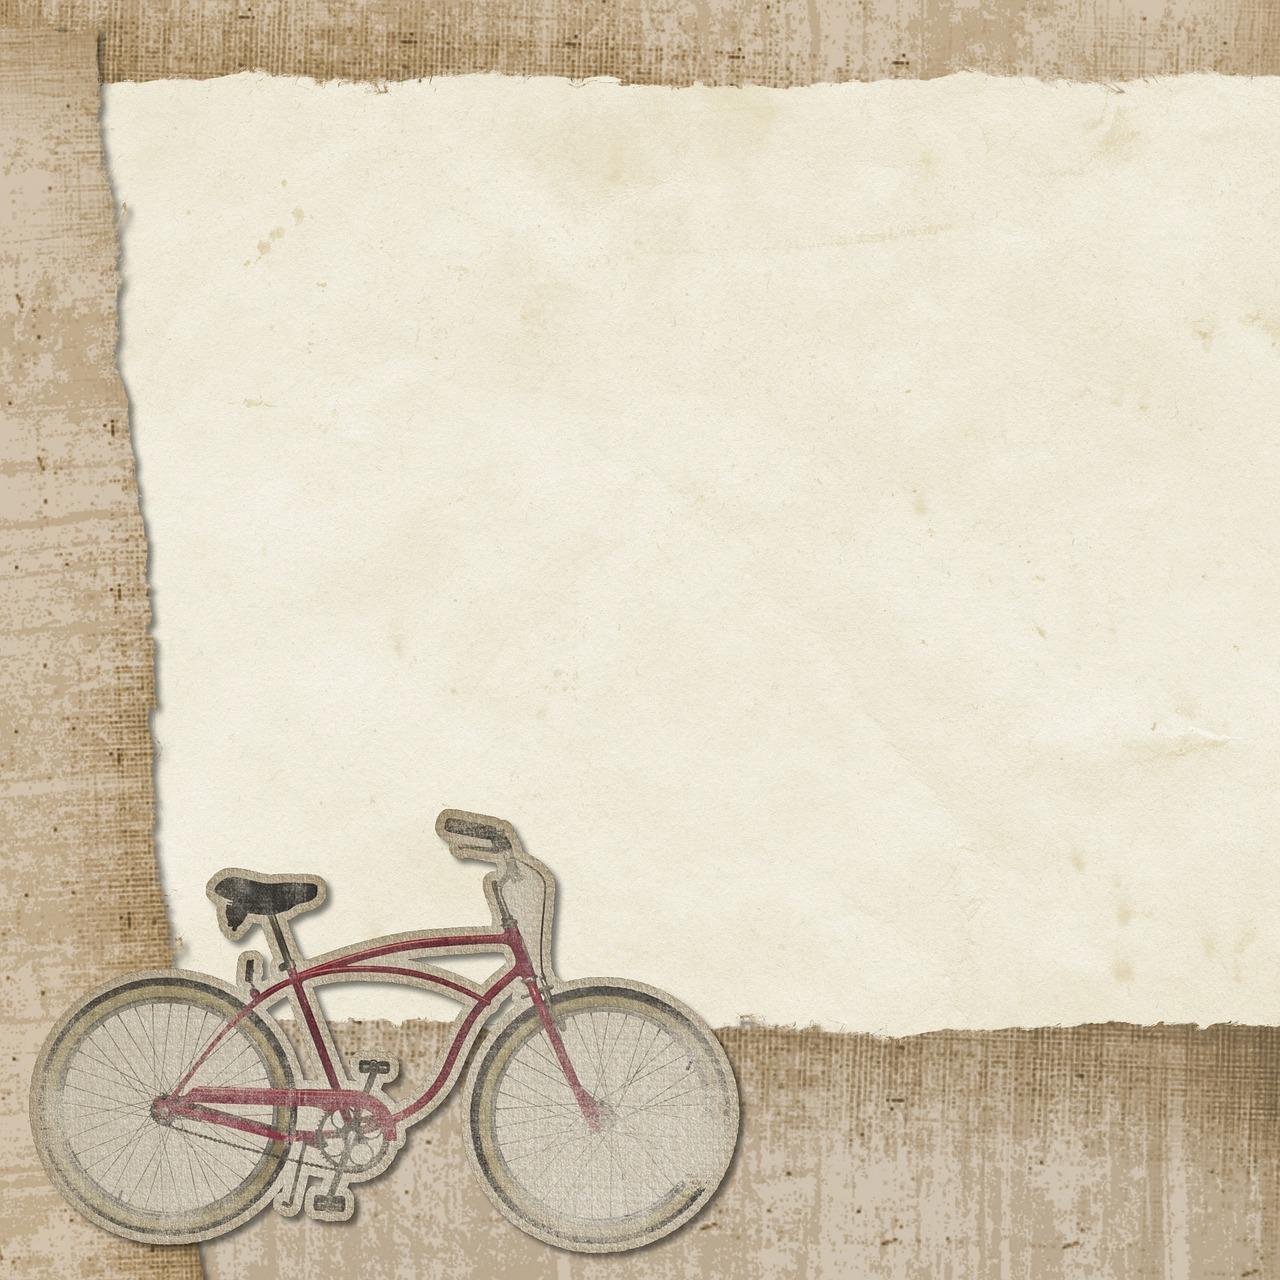 Сентября картинках, картинки с велосипедистами для рамок для текста